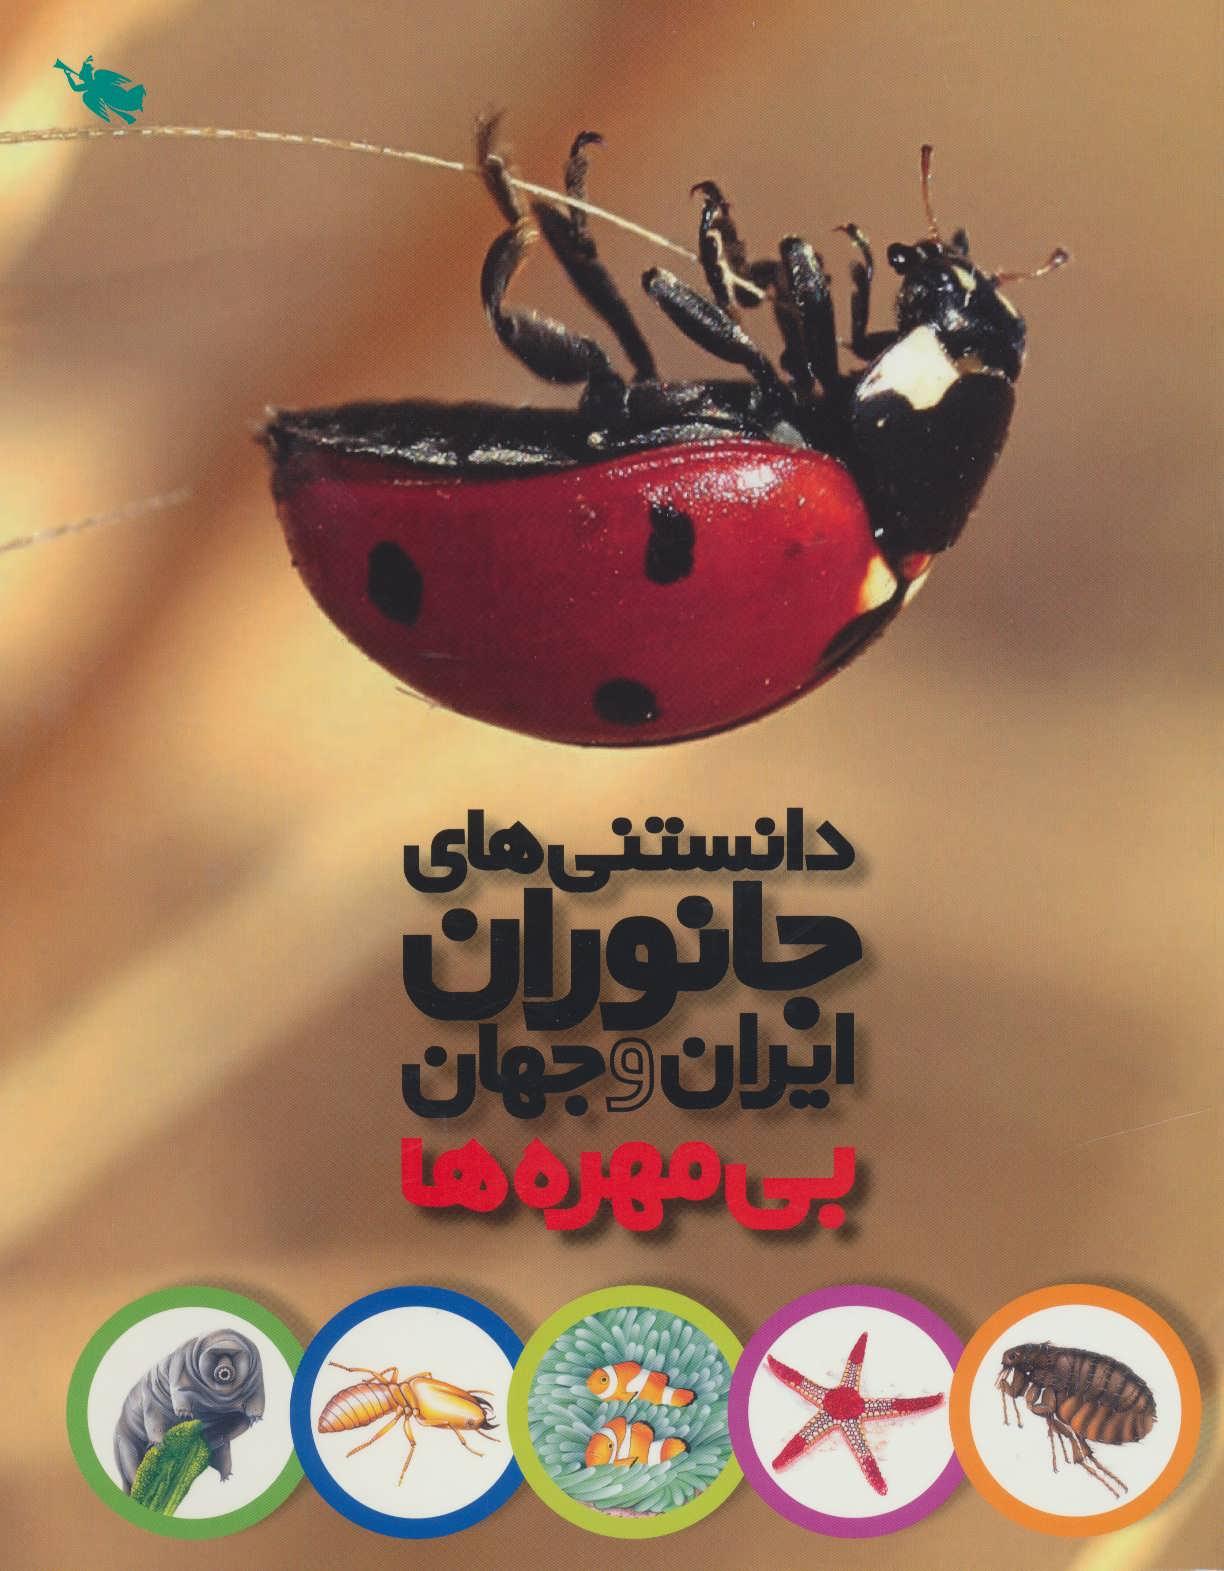 دانستنی های جانوران ایران و جهان (بی مهره ها)،(گلاسه)